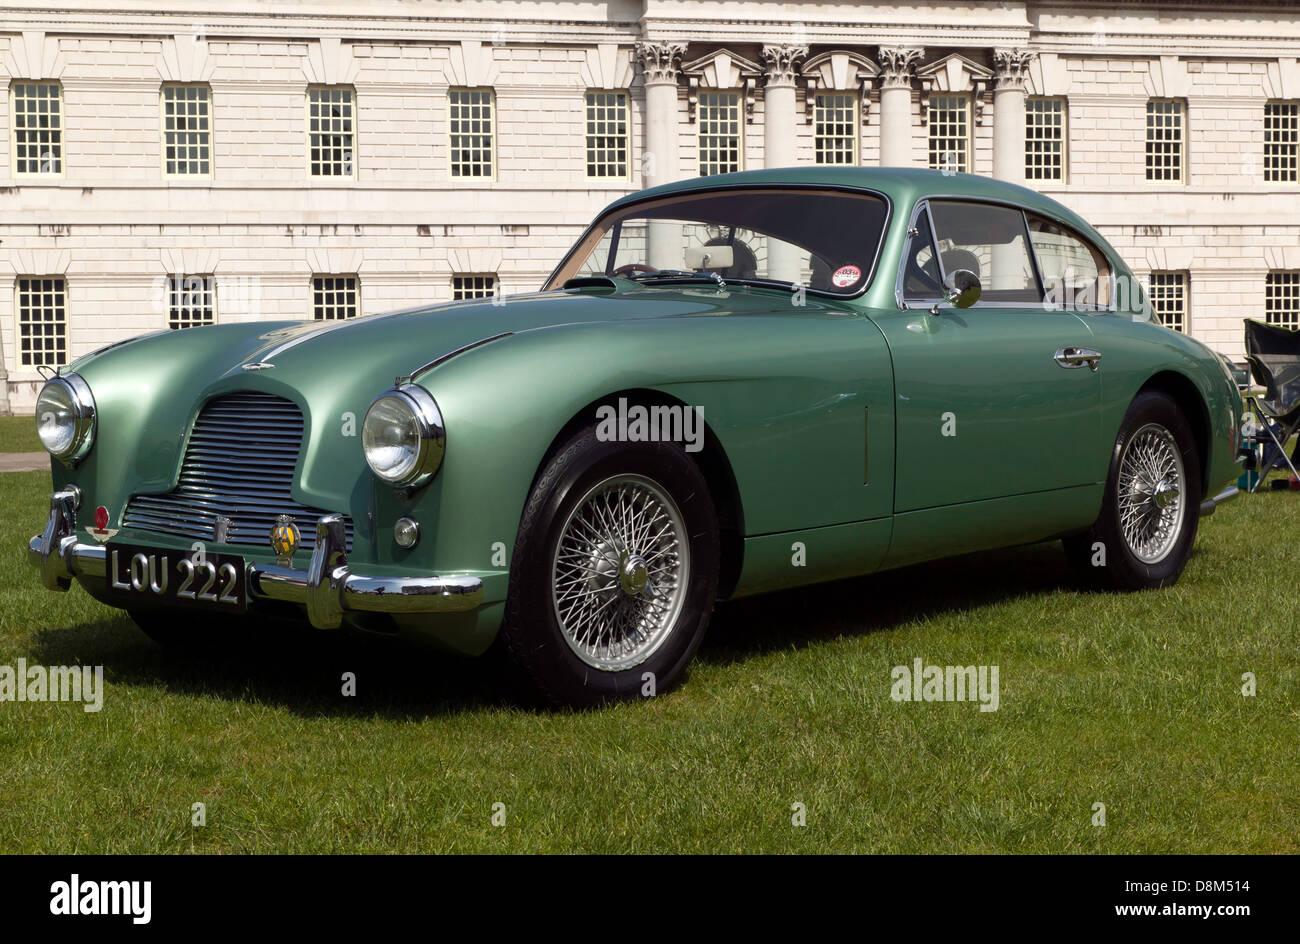 Ein Schönes Beispiel Eines Jahrgangs Aston Martin Db2 Auf Dem Display An Der Old Royal Naval College In Greenwich Stockfotografie Alamy